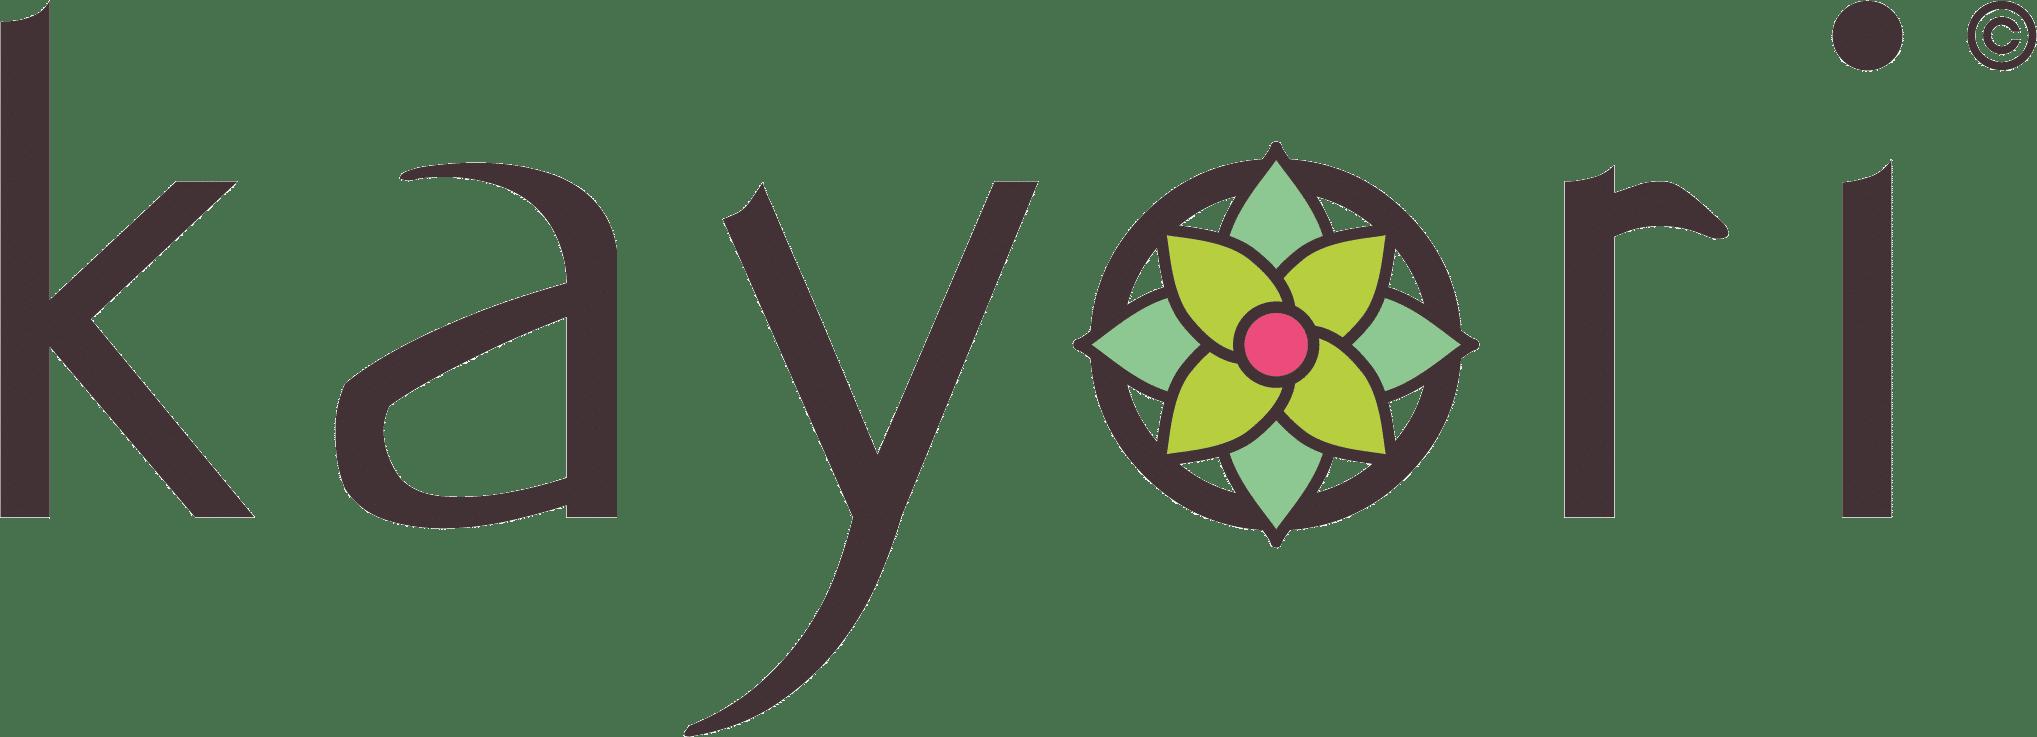 Kayori Logo